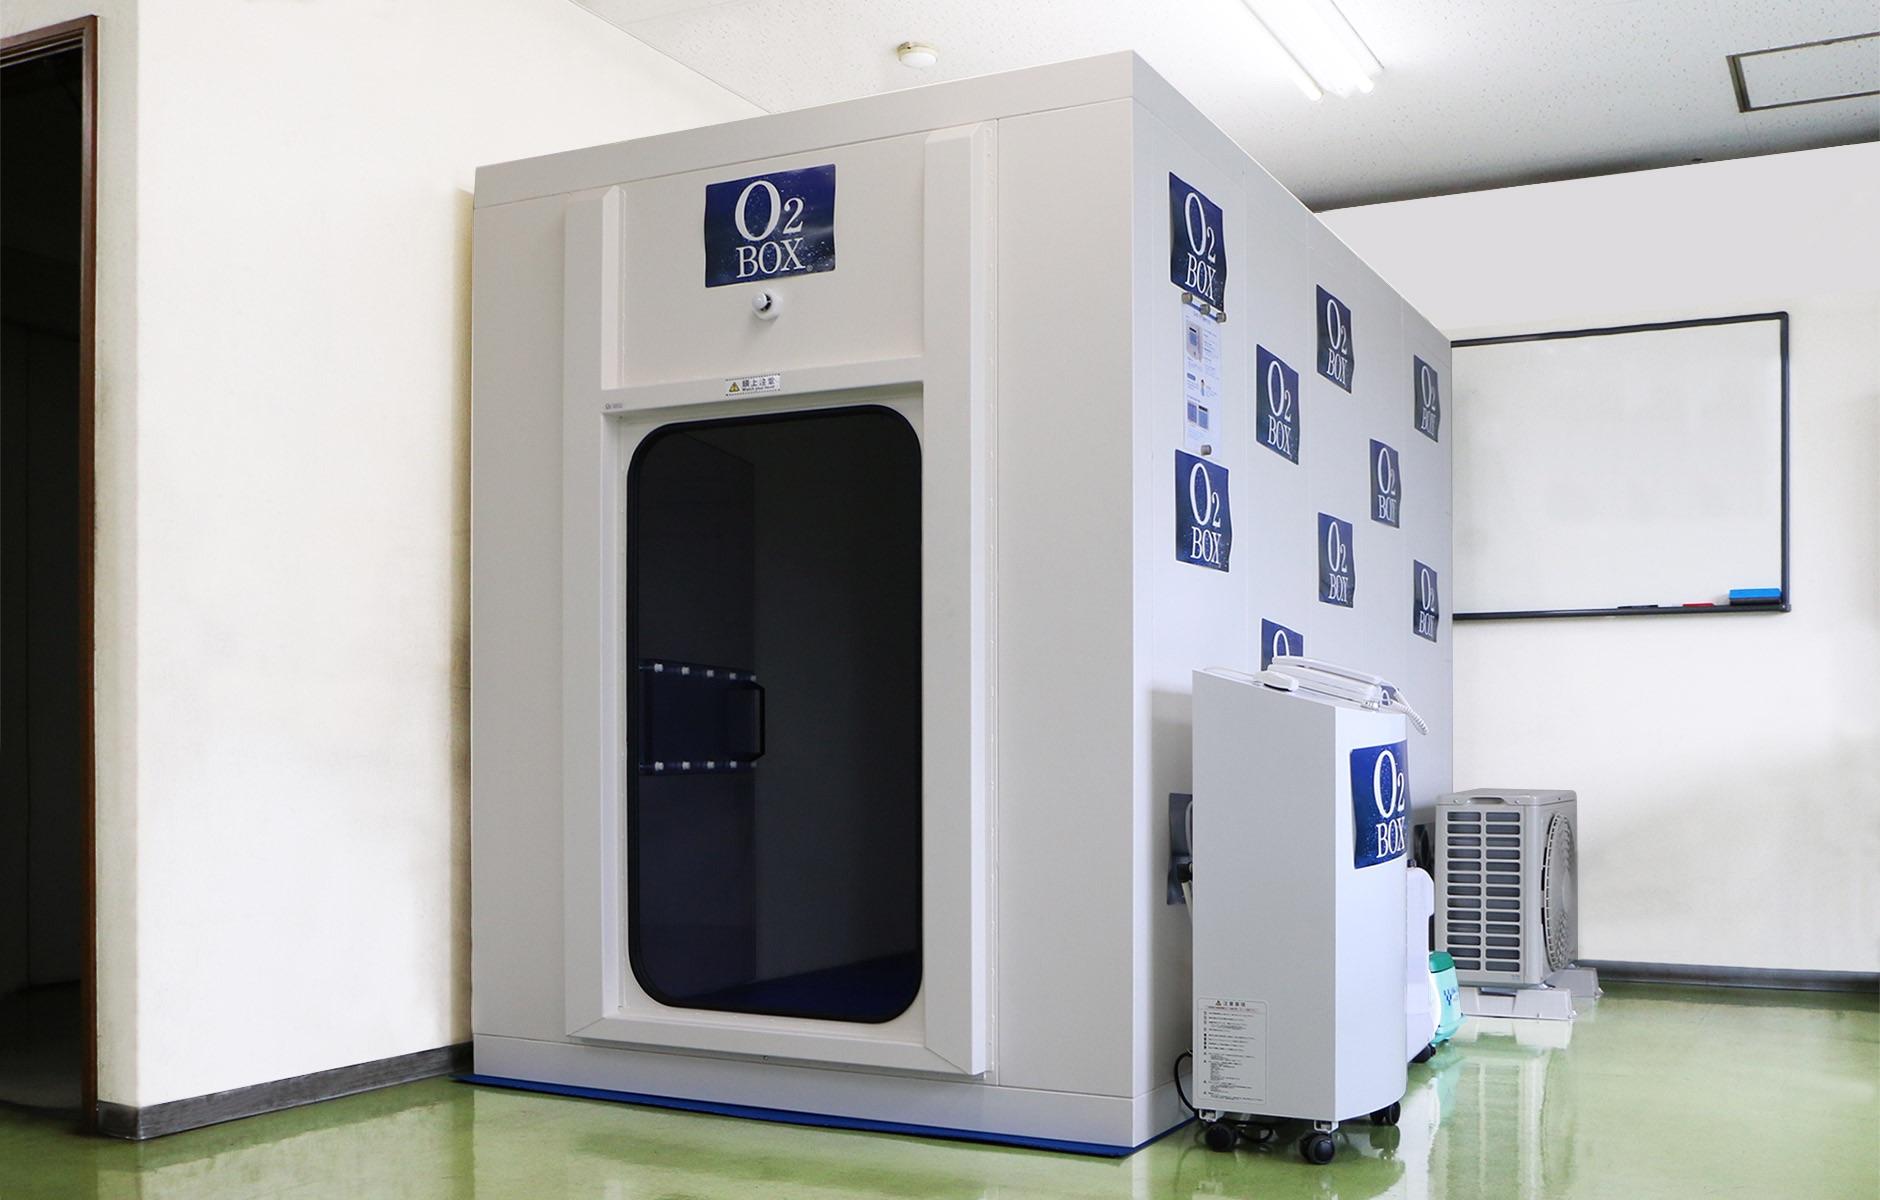 高気圧酸素カプセル O2 BOX